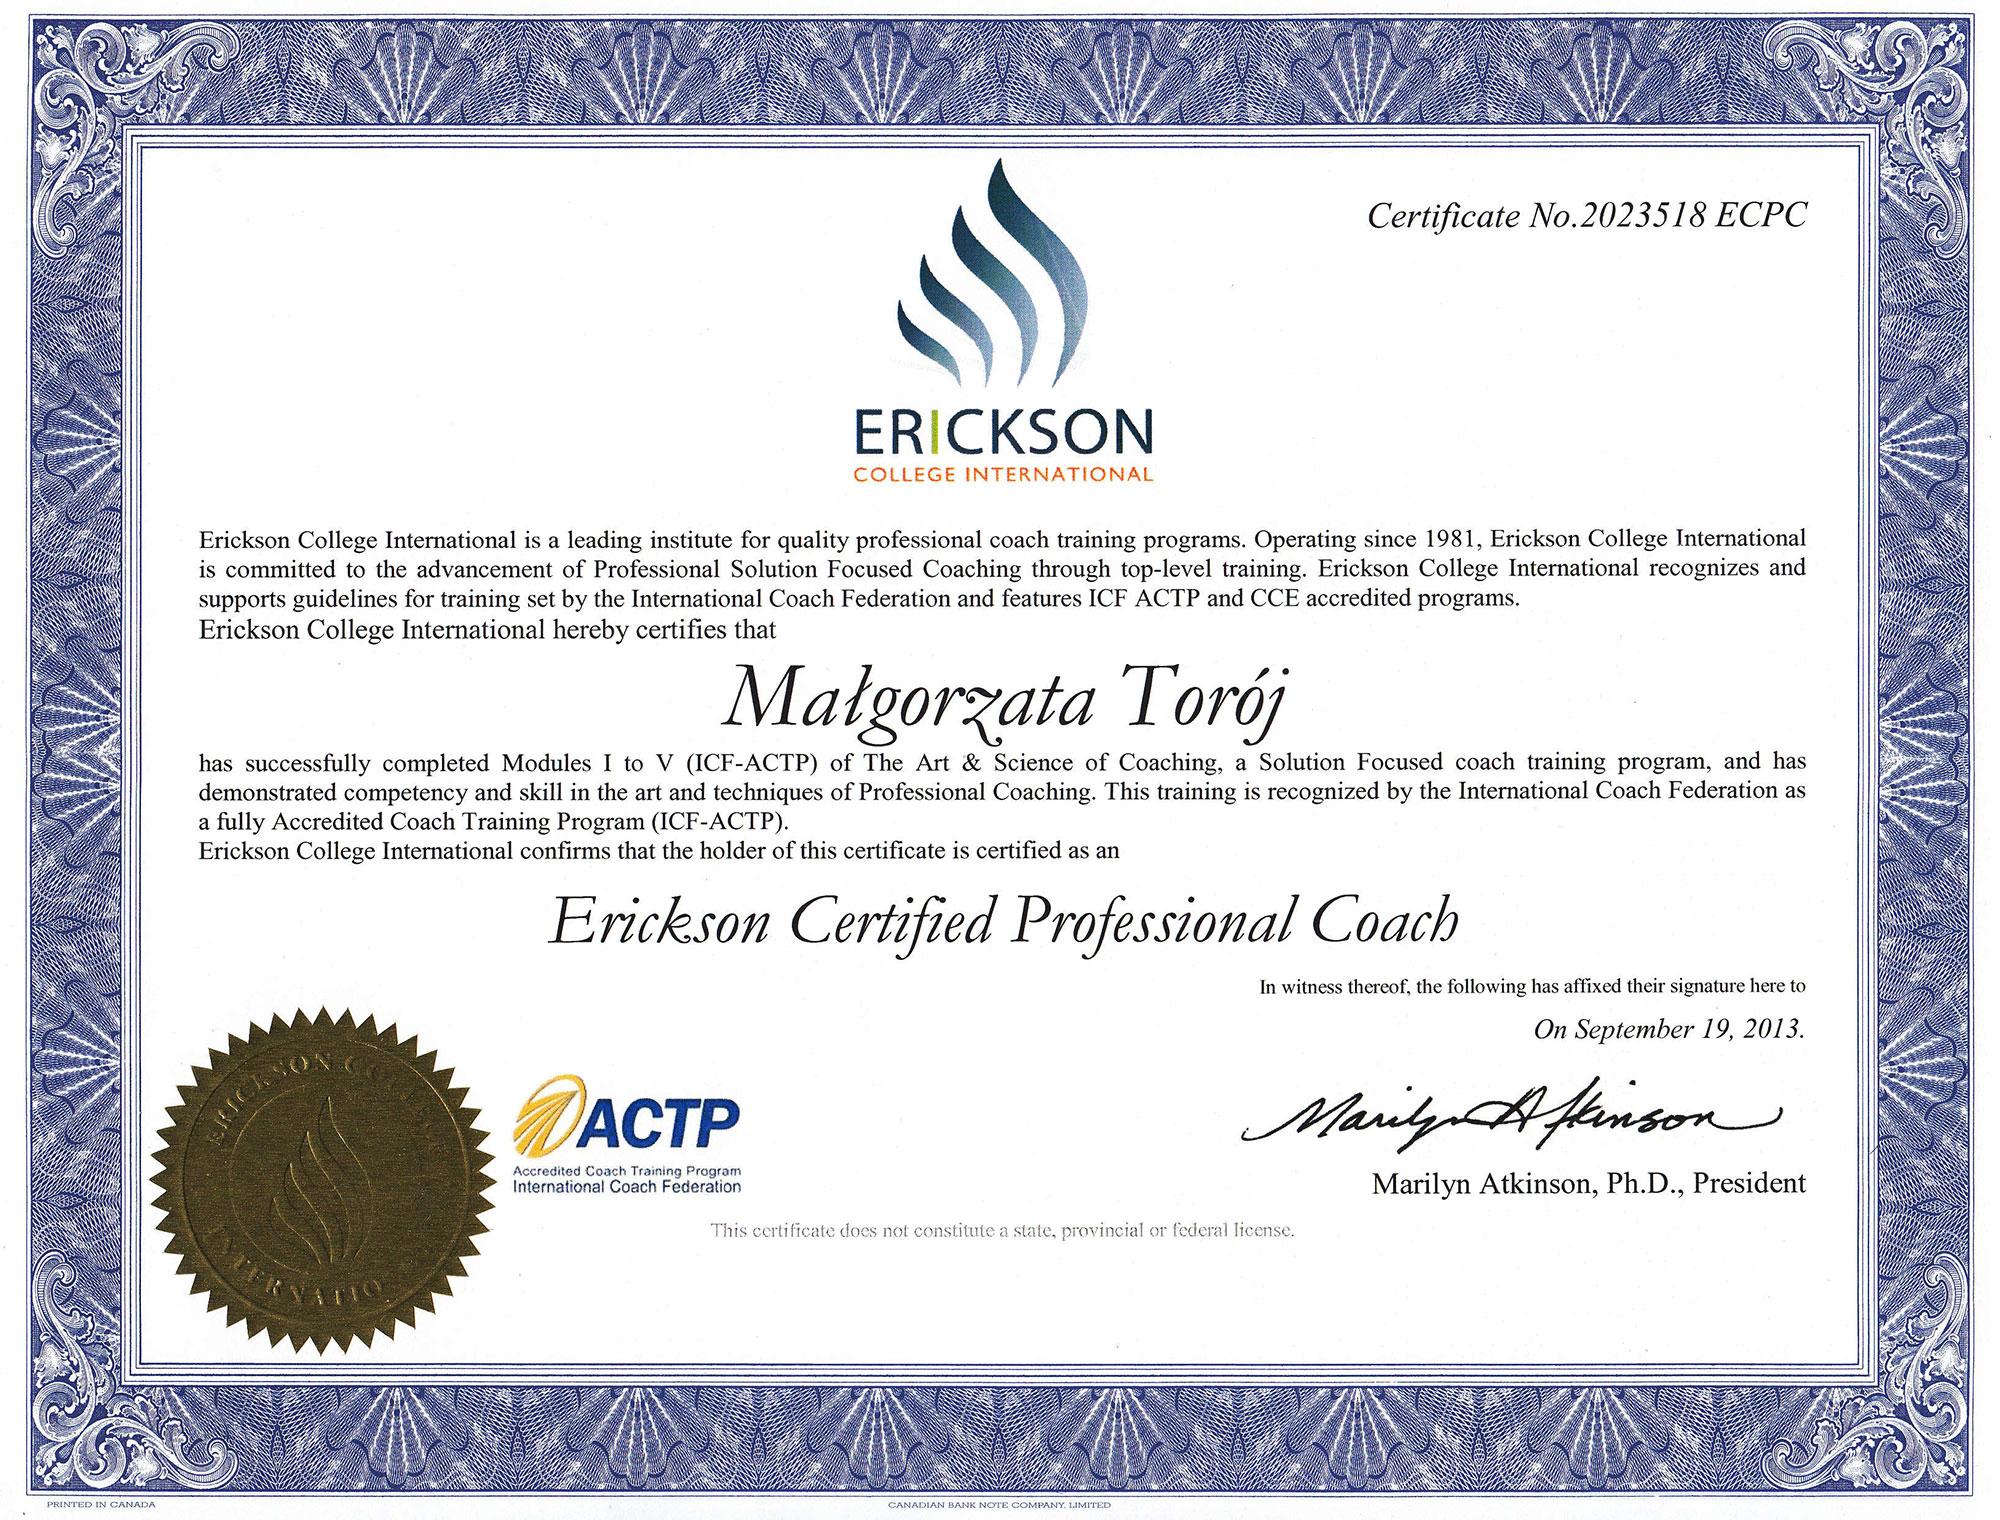 Erickson-CPC